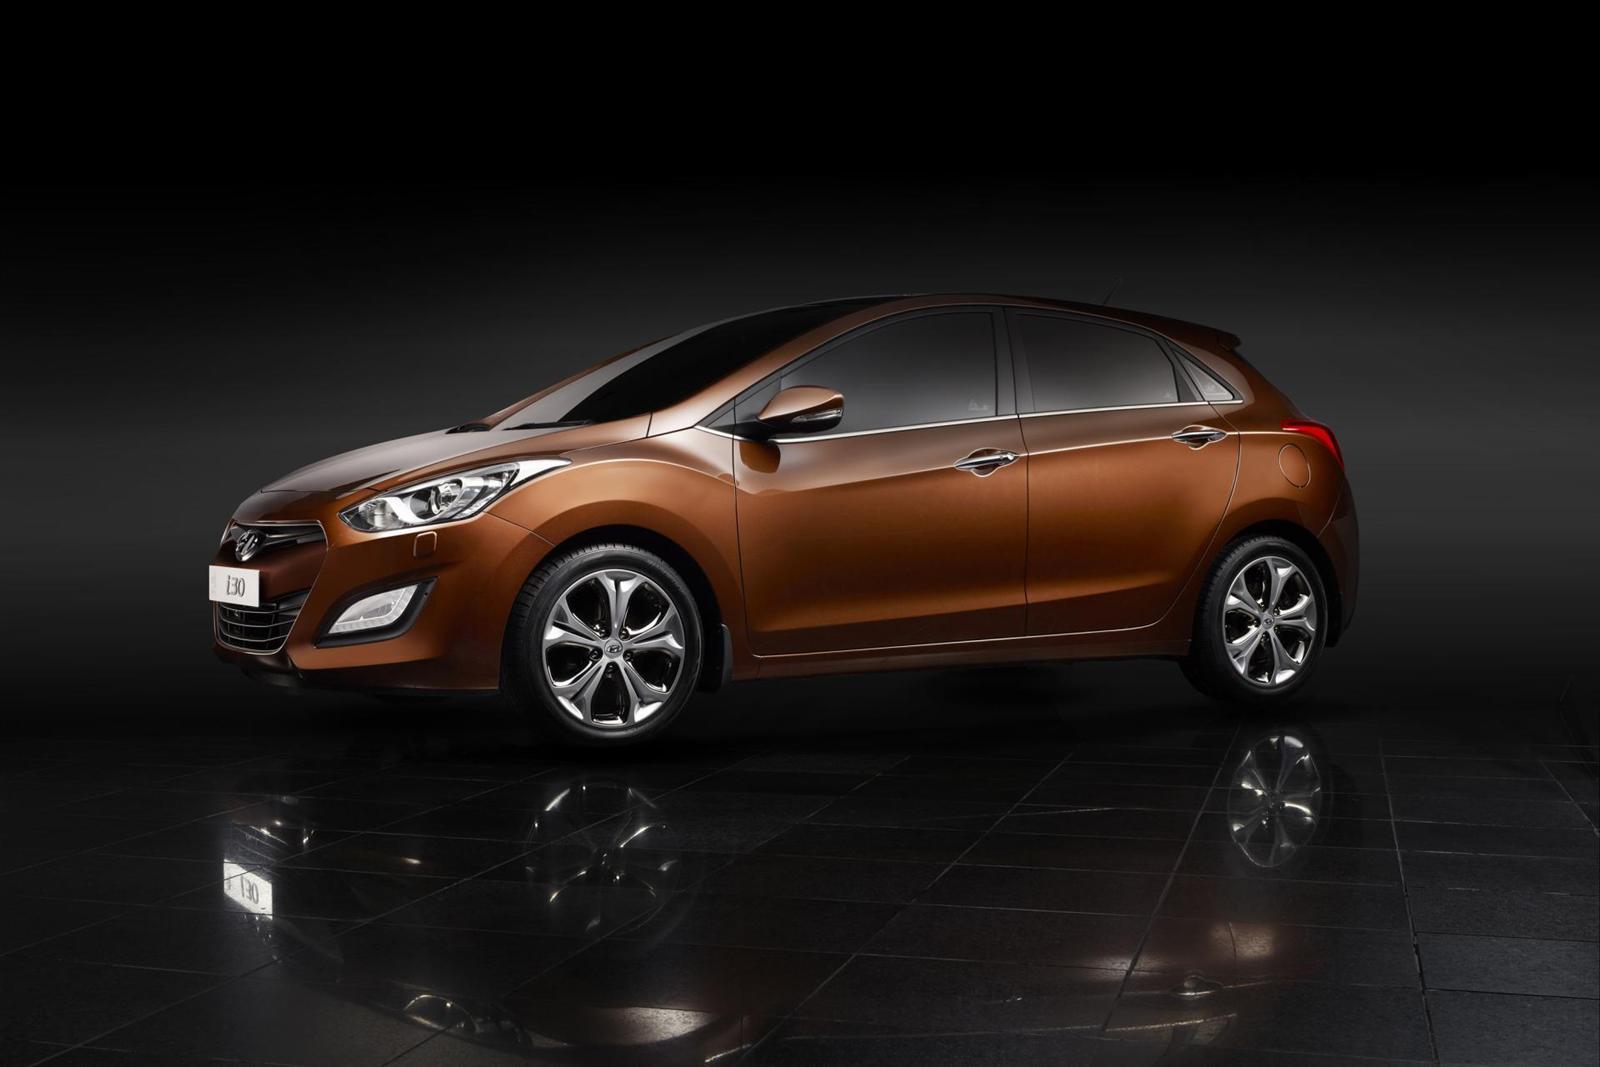 http://2.bp.blogspot.com/-NBaWcBSZ03k/TuXtCwHdnlI/AAAAAAAAEN4/CABPKzZZ9ZE/s1600/Hyundai-i30-2012_Wallpaper-00012-1600.jpg